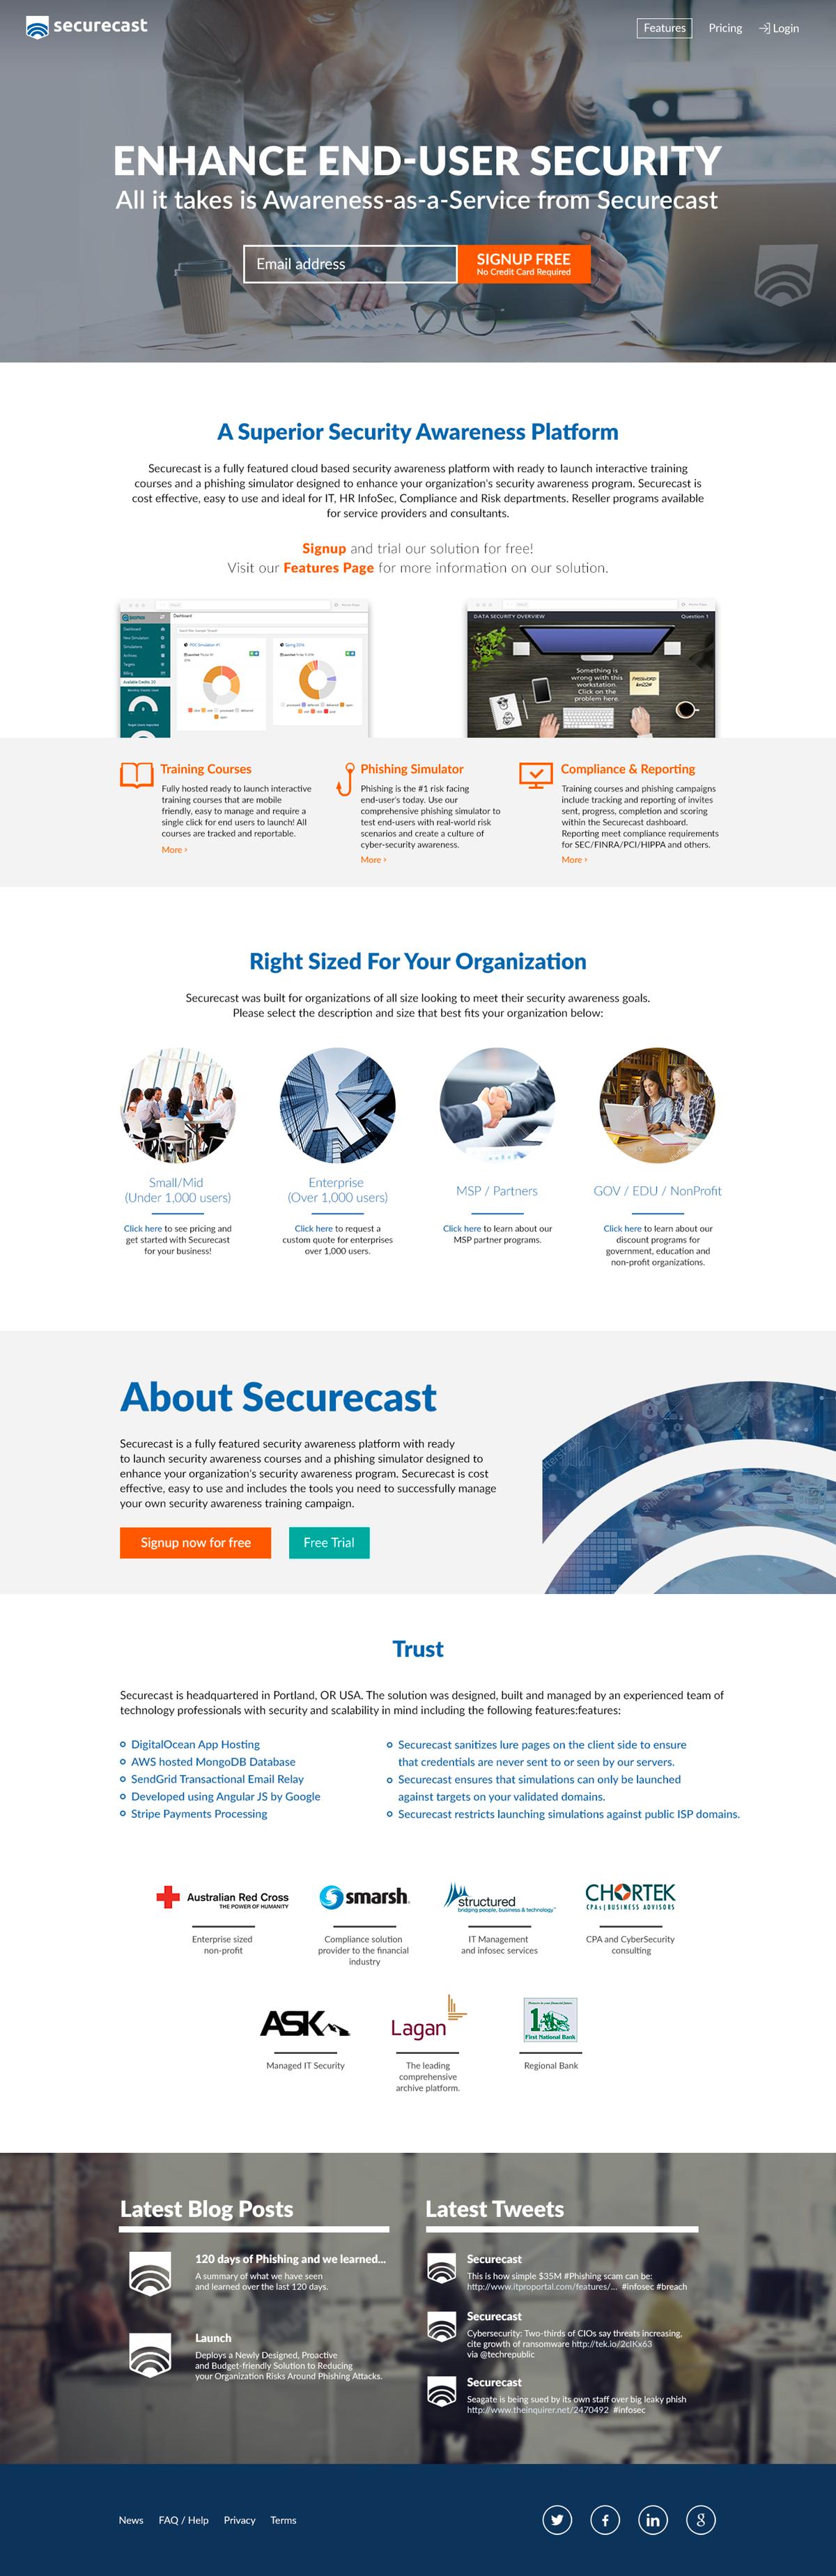 Website re-design with new service focus - quickphish.com